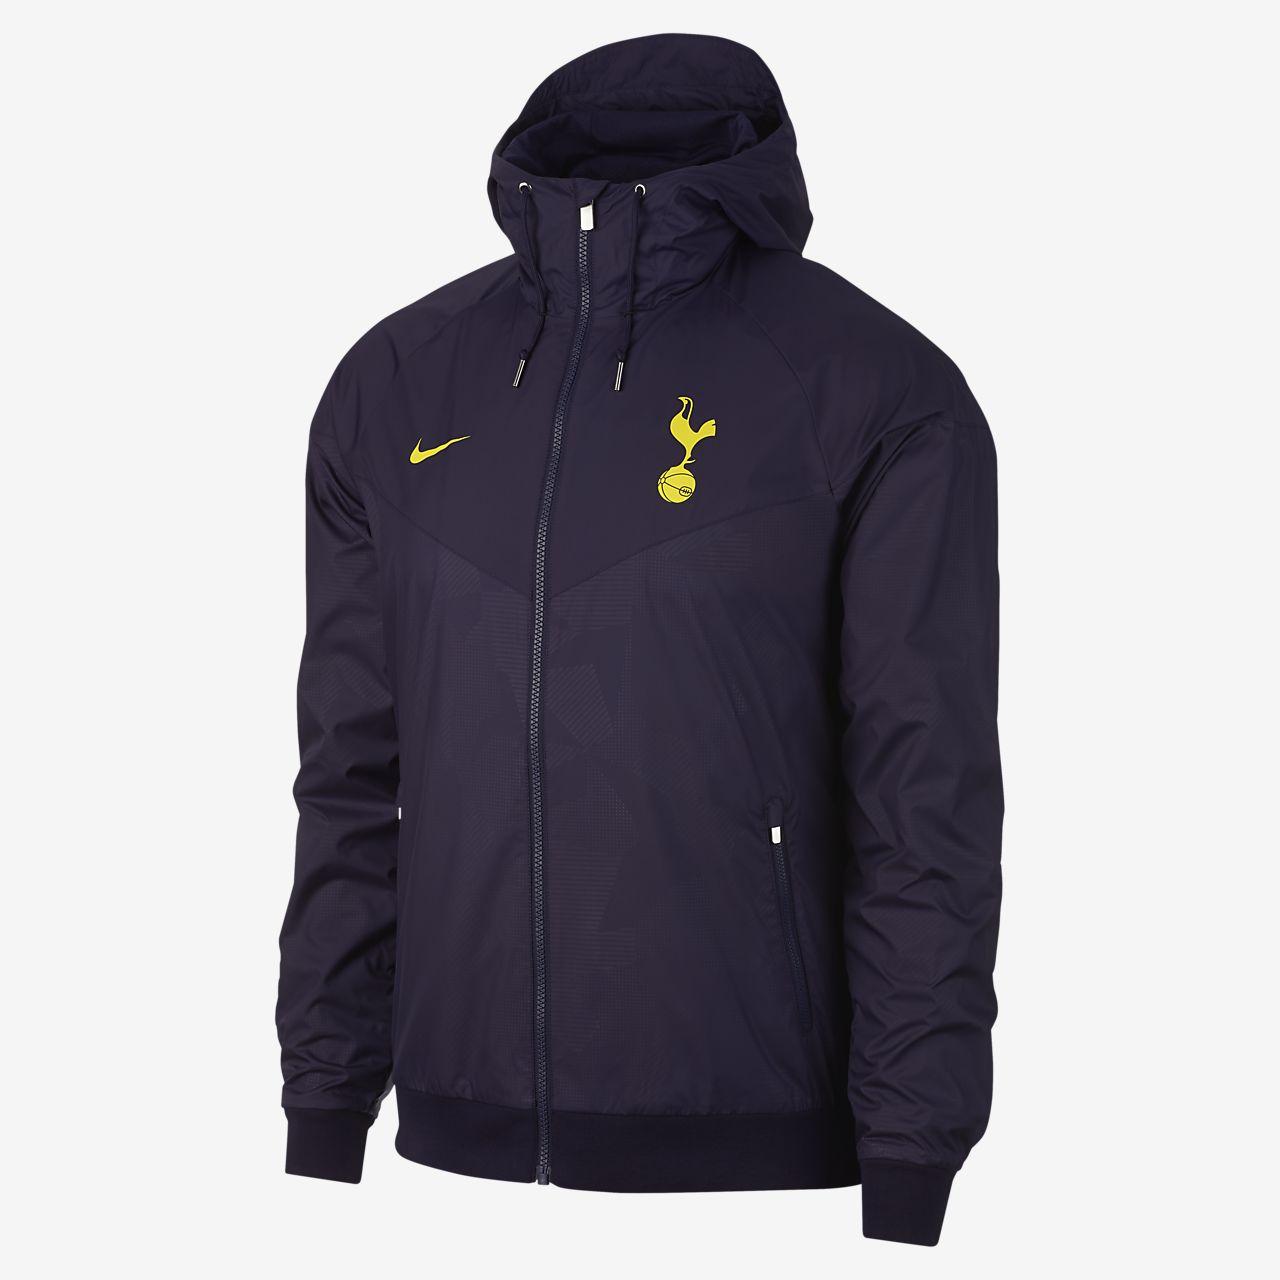 Ca Authentic Veste Homme Windrunner Hotspur Tottenham Pour qqYz0E